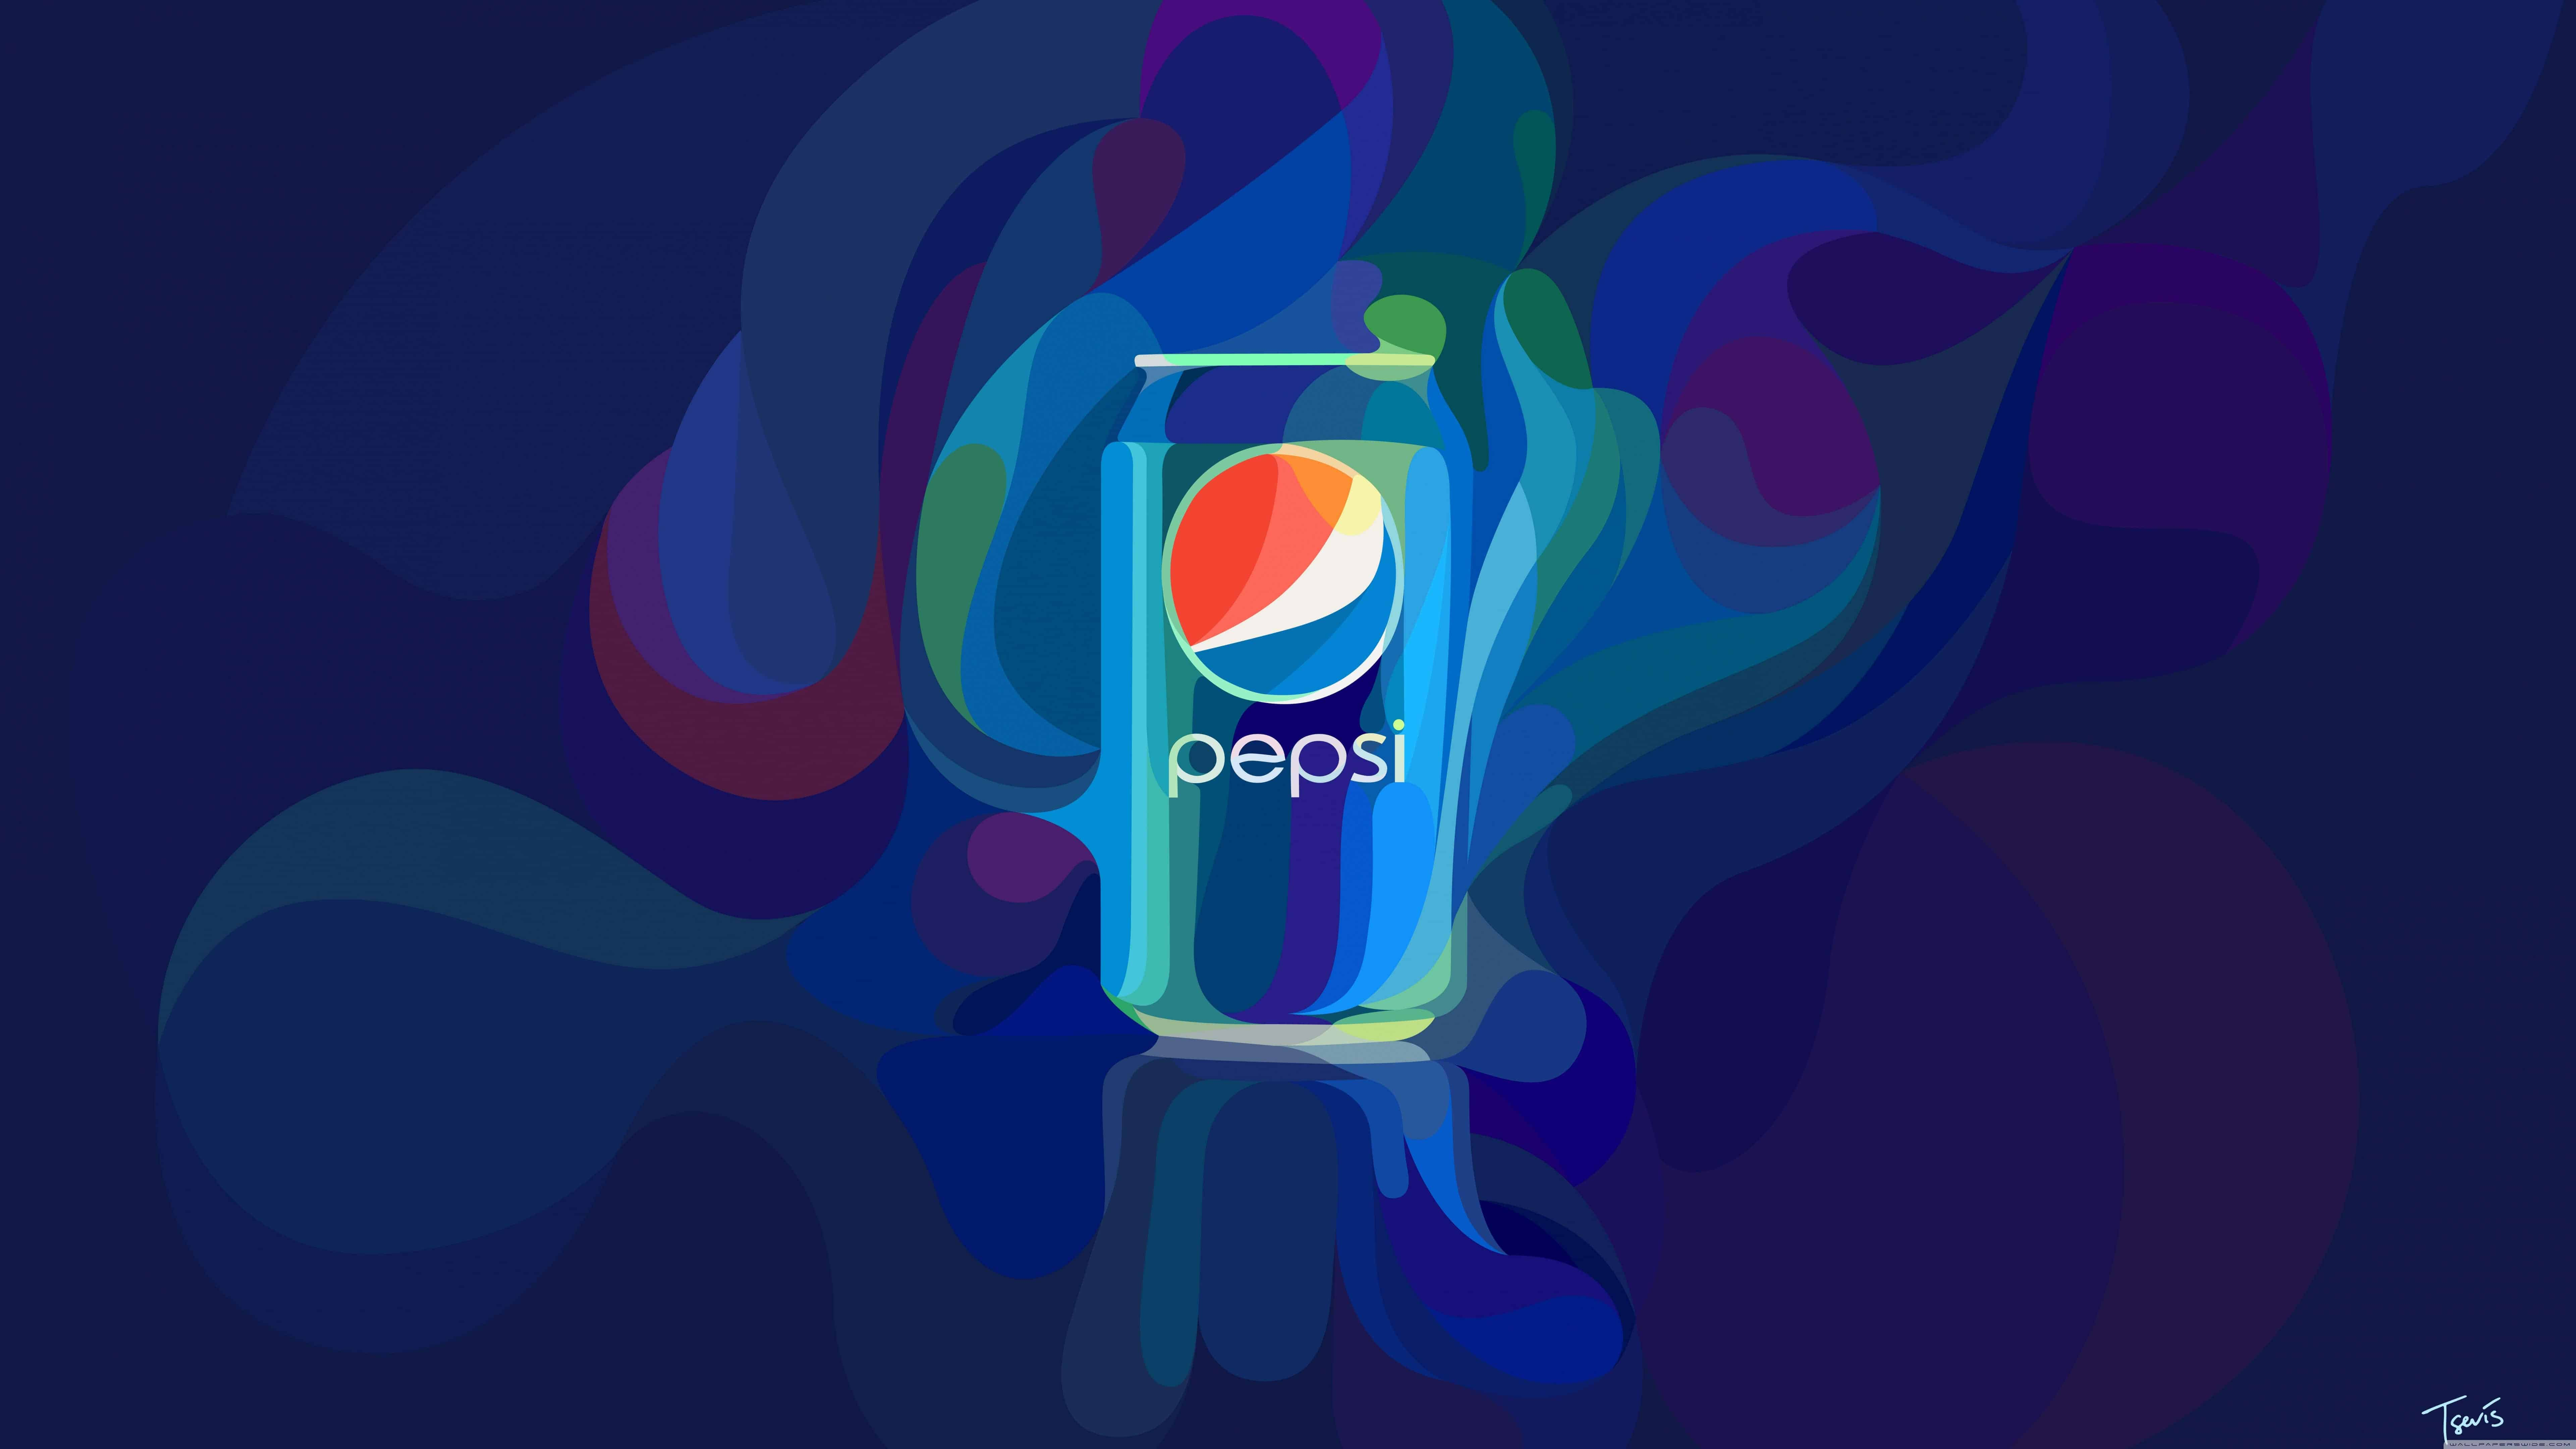 pepsi can design uhd 8k wallpaper